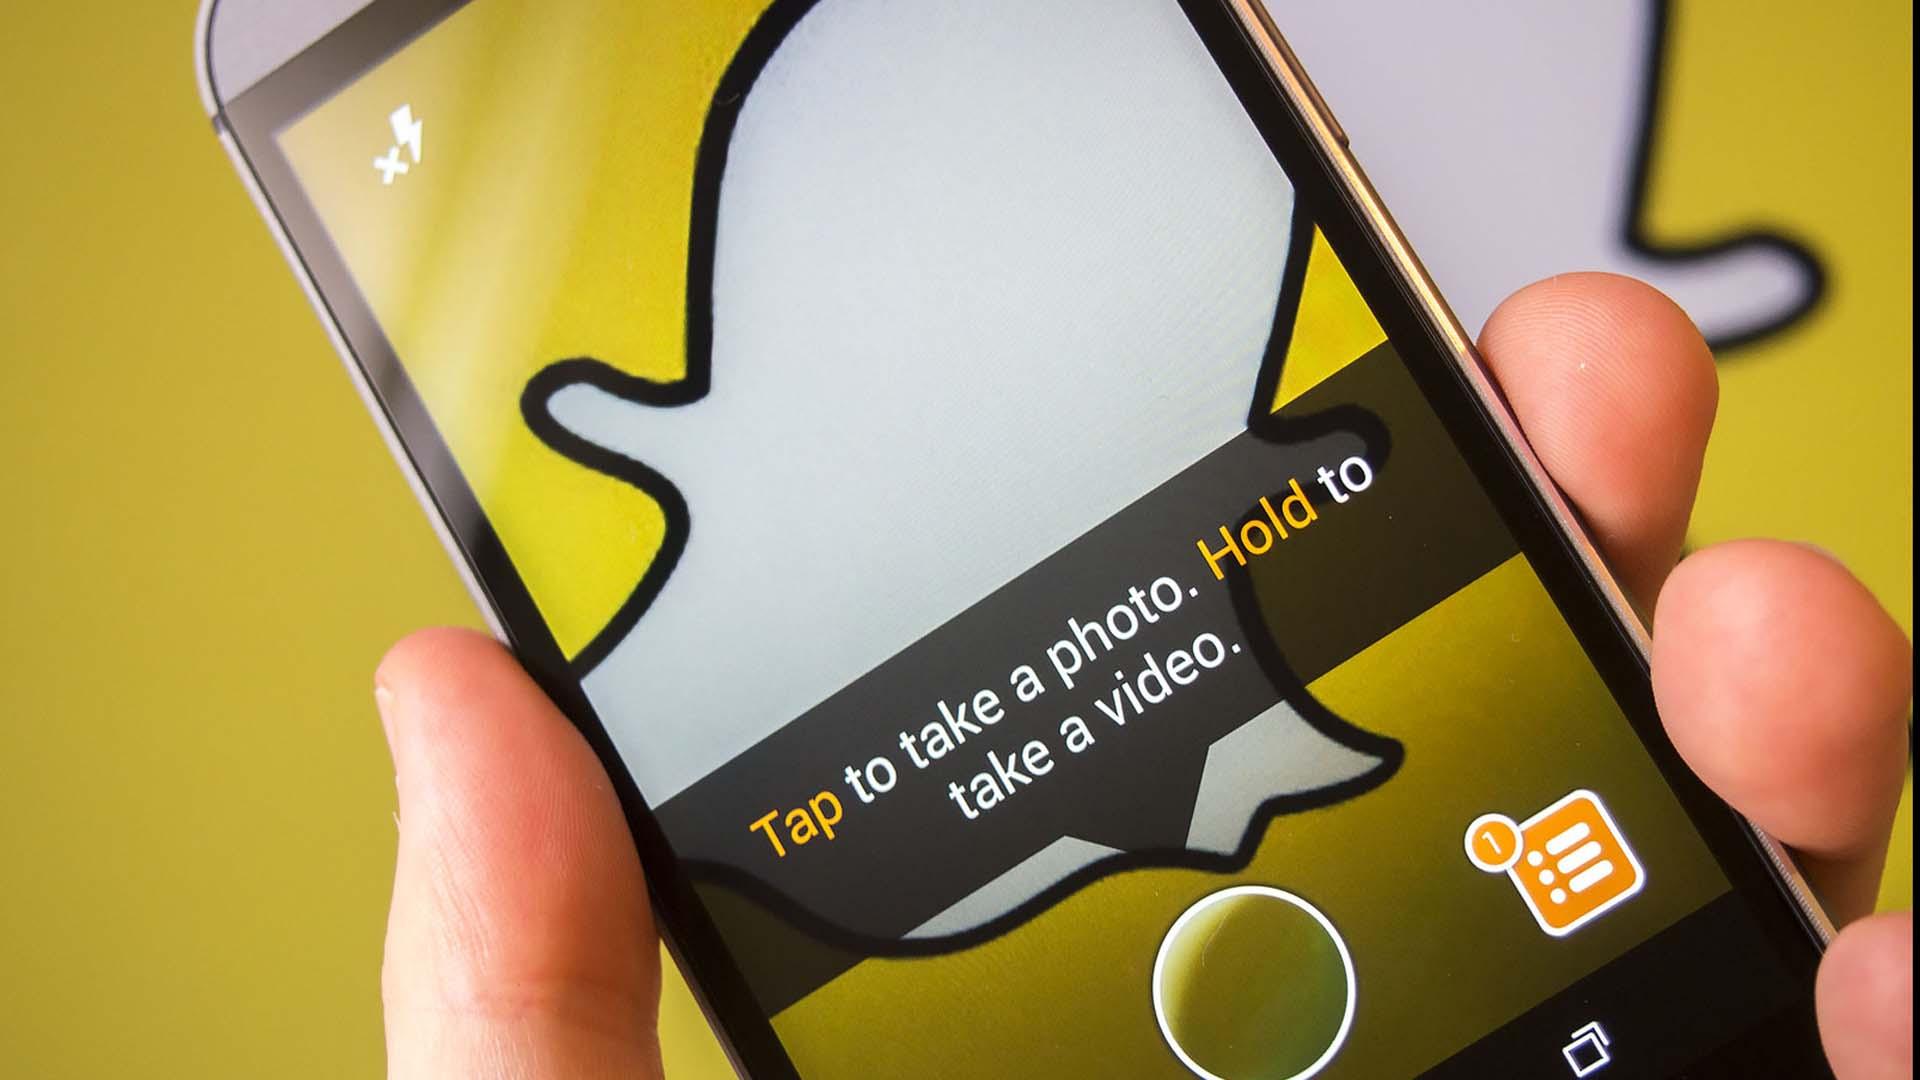 La red social del fantasma adquirió una gran ventaja frente a otras como Facebook y Twitter